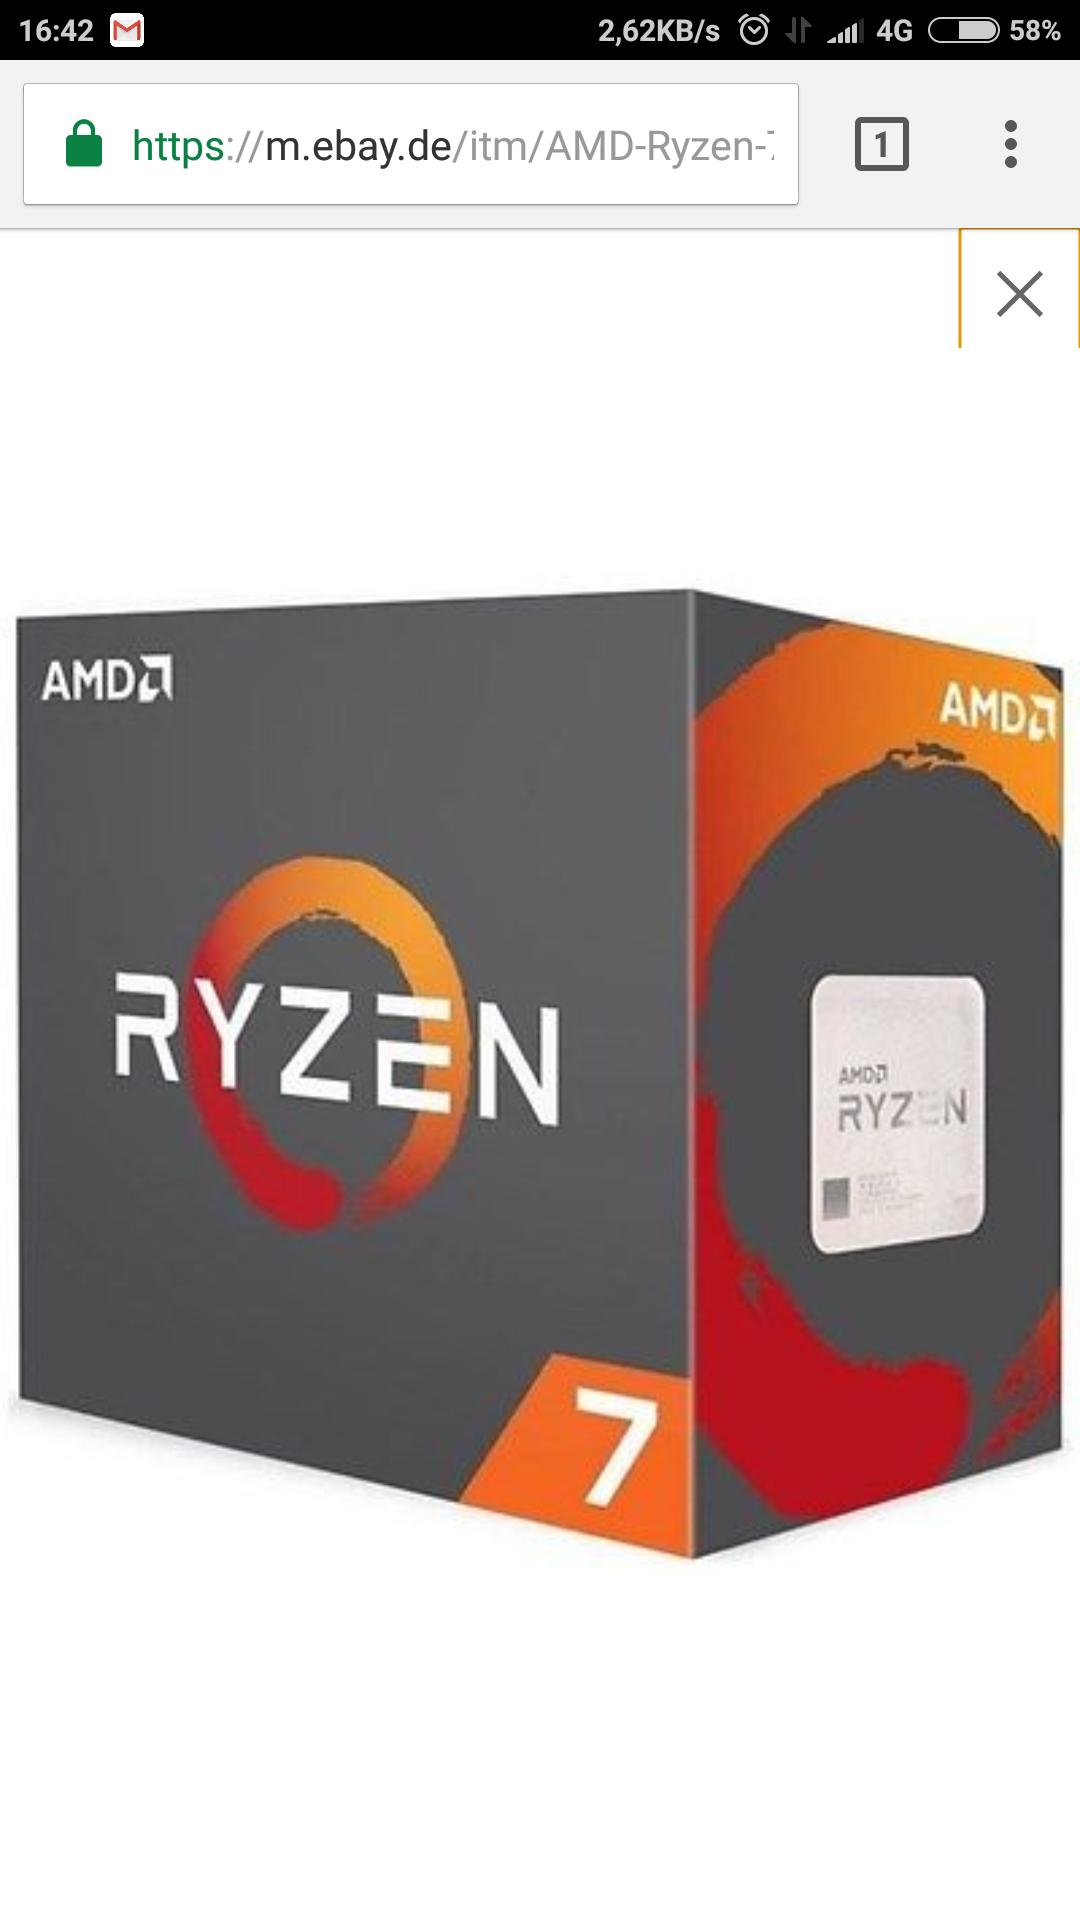 AMD Ryzen 7 1700 Boxed mit Wraith Spire Octa Core (8-Kern)  Für  256,41€ mit Gutscheincode preisknaller bei eBay. Preisvergleich bei 284,44€ zzgl Lieferfristen.